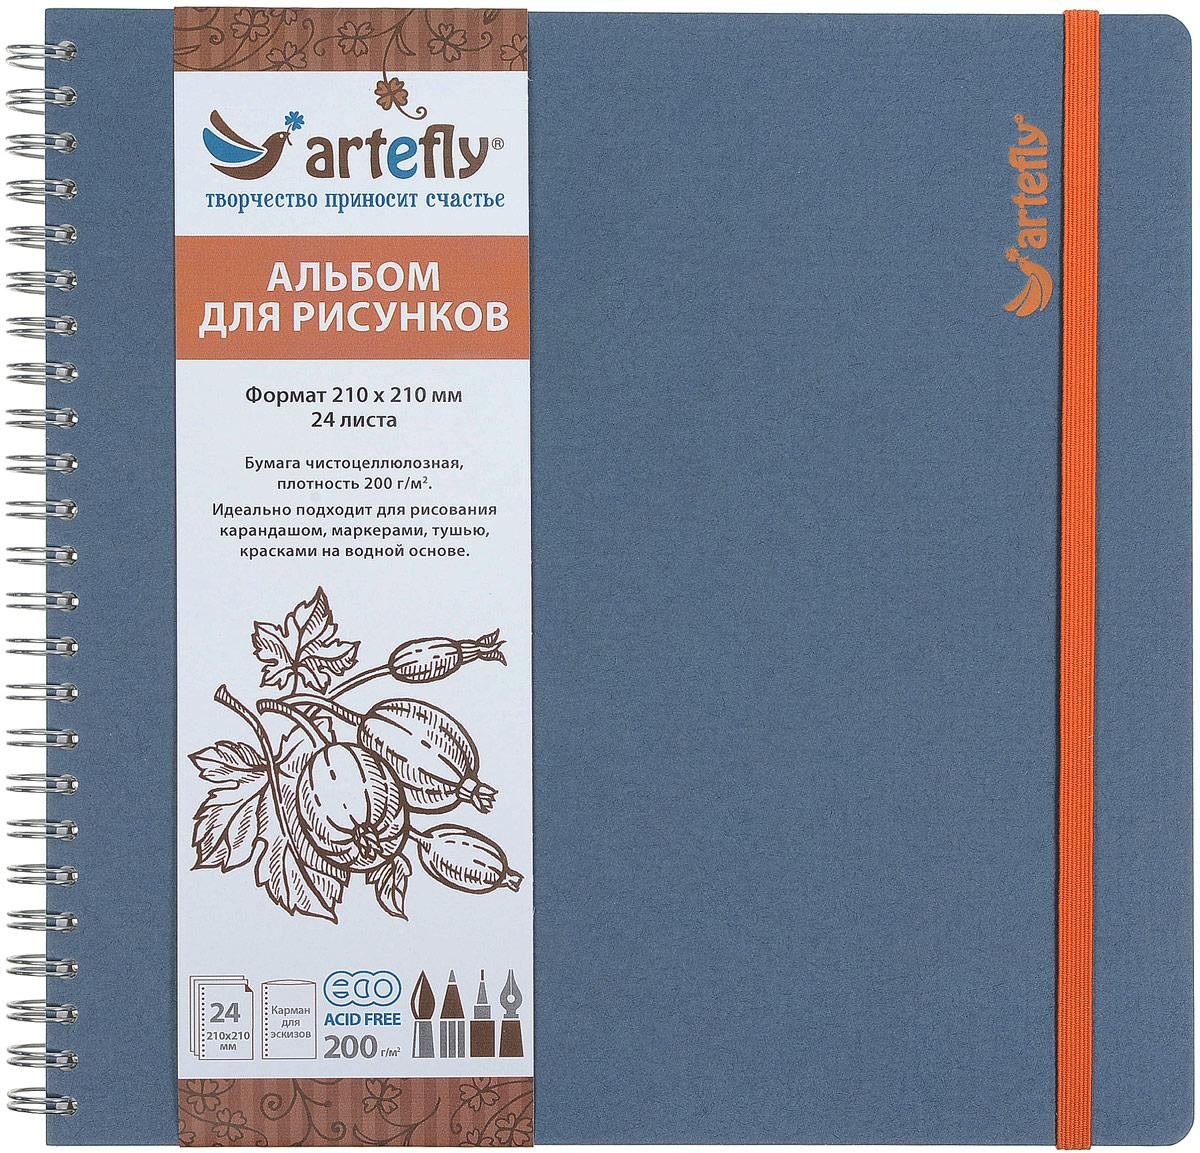 Artefly Альбом для рисования 24 листа цвет голубой AFNB-225772523WDАльбом Artefly идеально подходит для рисования в нем карандашом, маркерами, тушью, красками на водной основе. Внутренний блок включает 24 листа.Удобная эластичная застежка защитит вашу записную книжку. Переплет на спирали делает альбом еще более удобным и позволяет с легкостью переворачивать страницы. Имеется карман для эскизов.